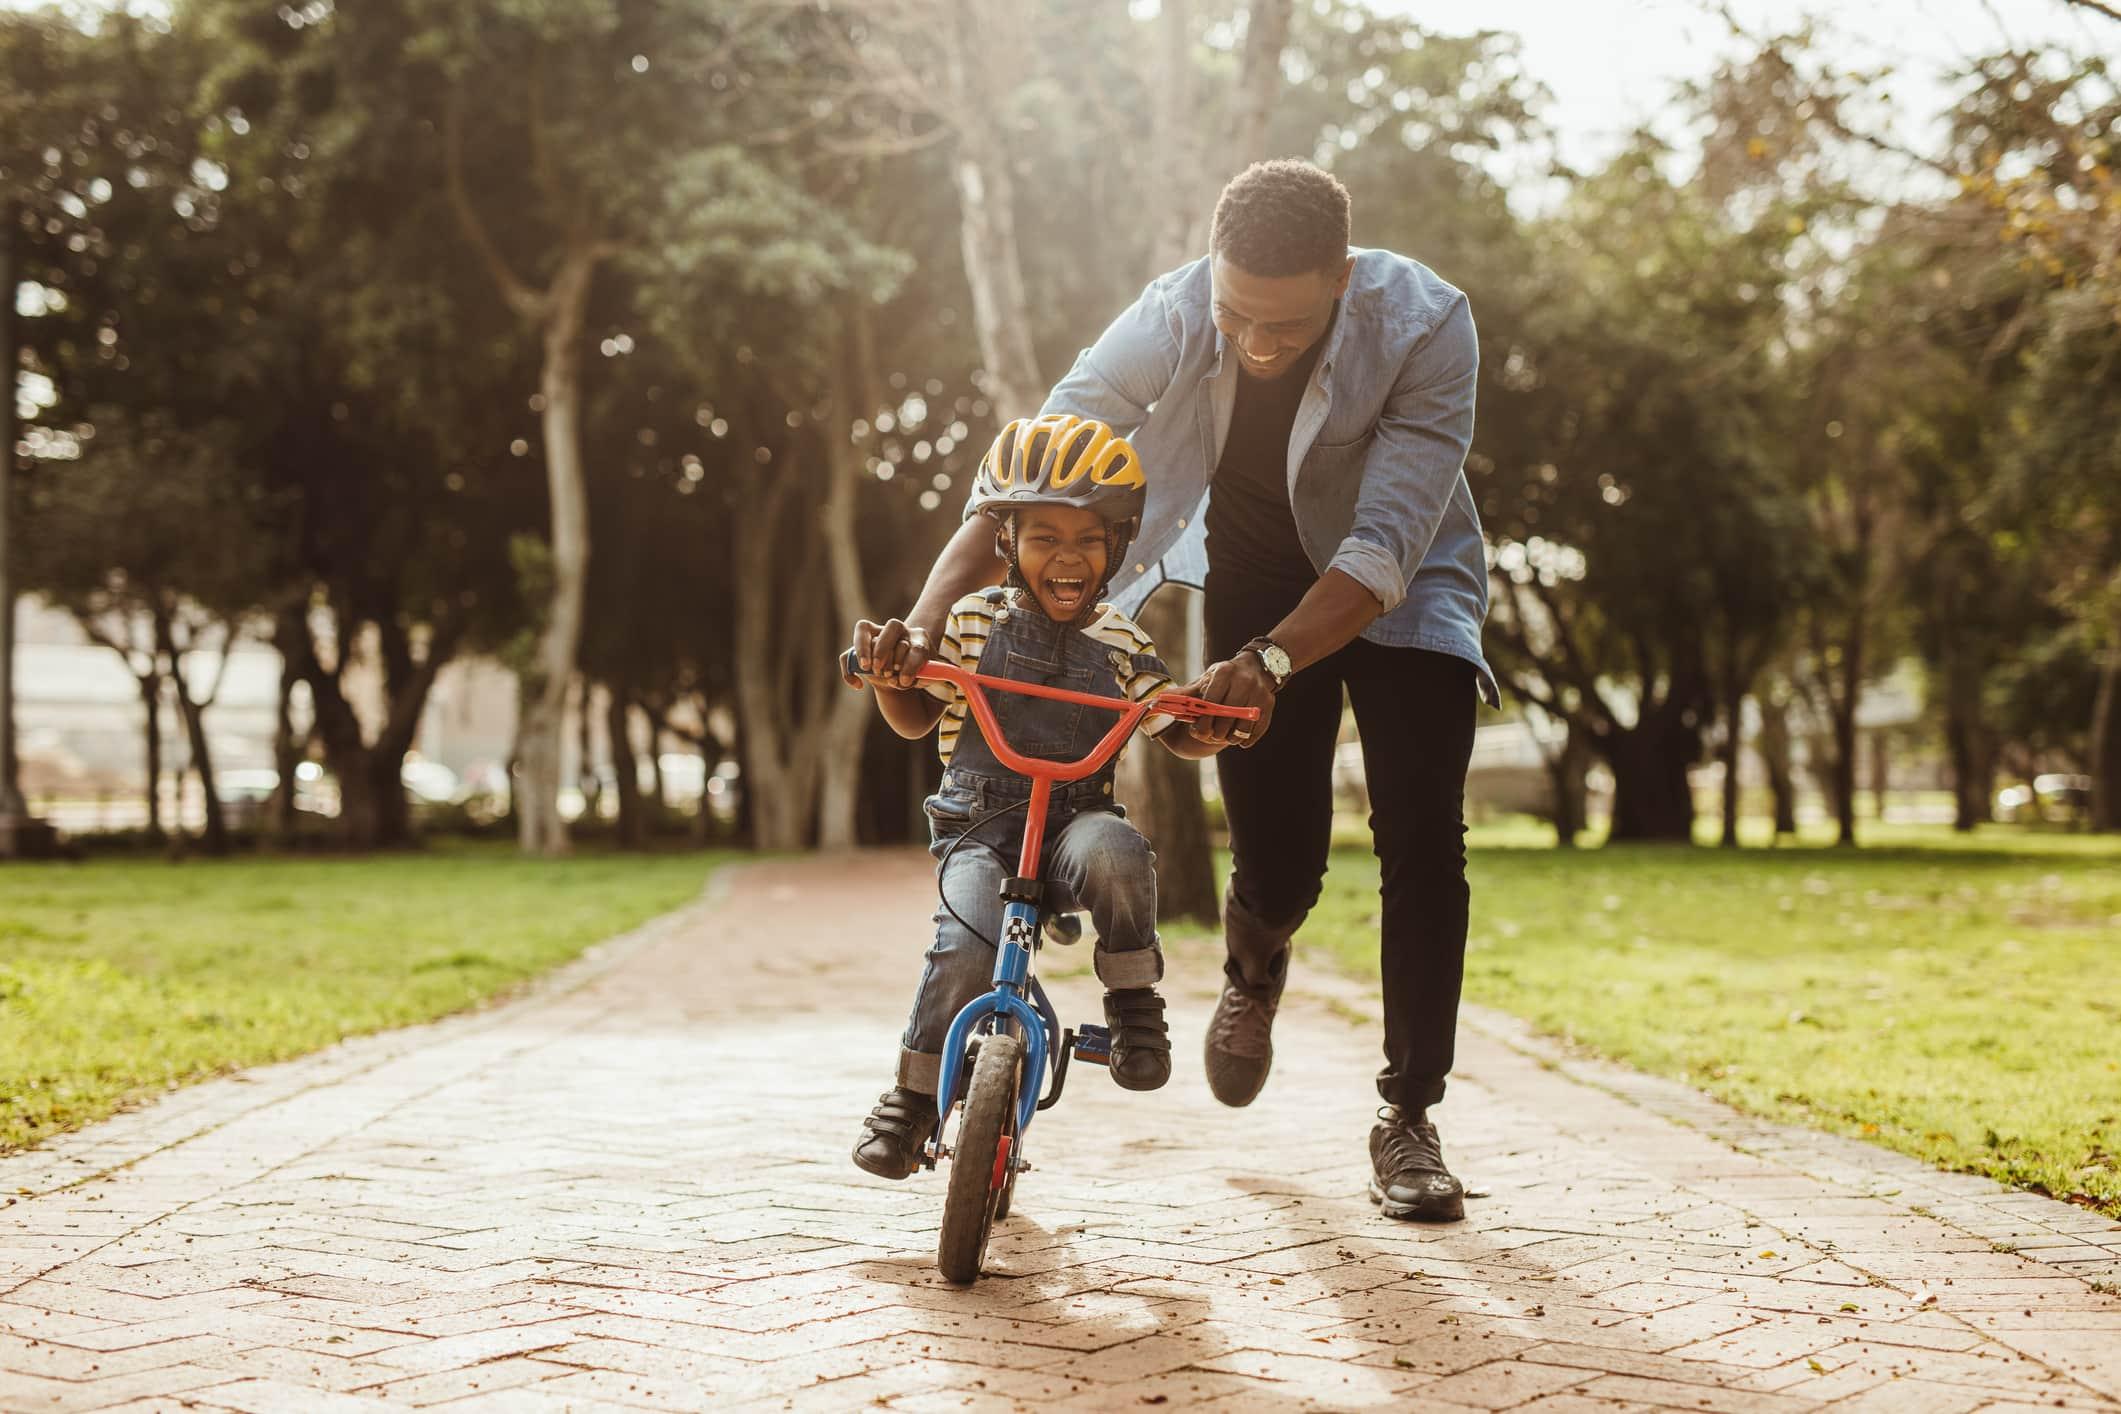 Jongen leert fietsen met zijn vader in het park.  Vader leert zijn zoon fietsen in het park.